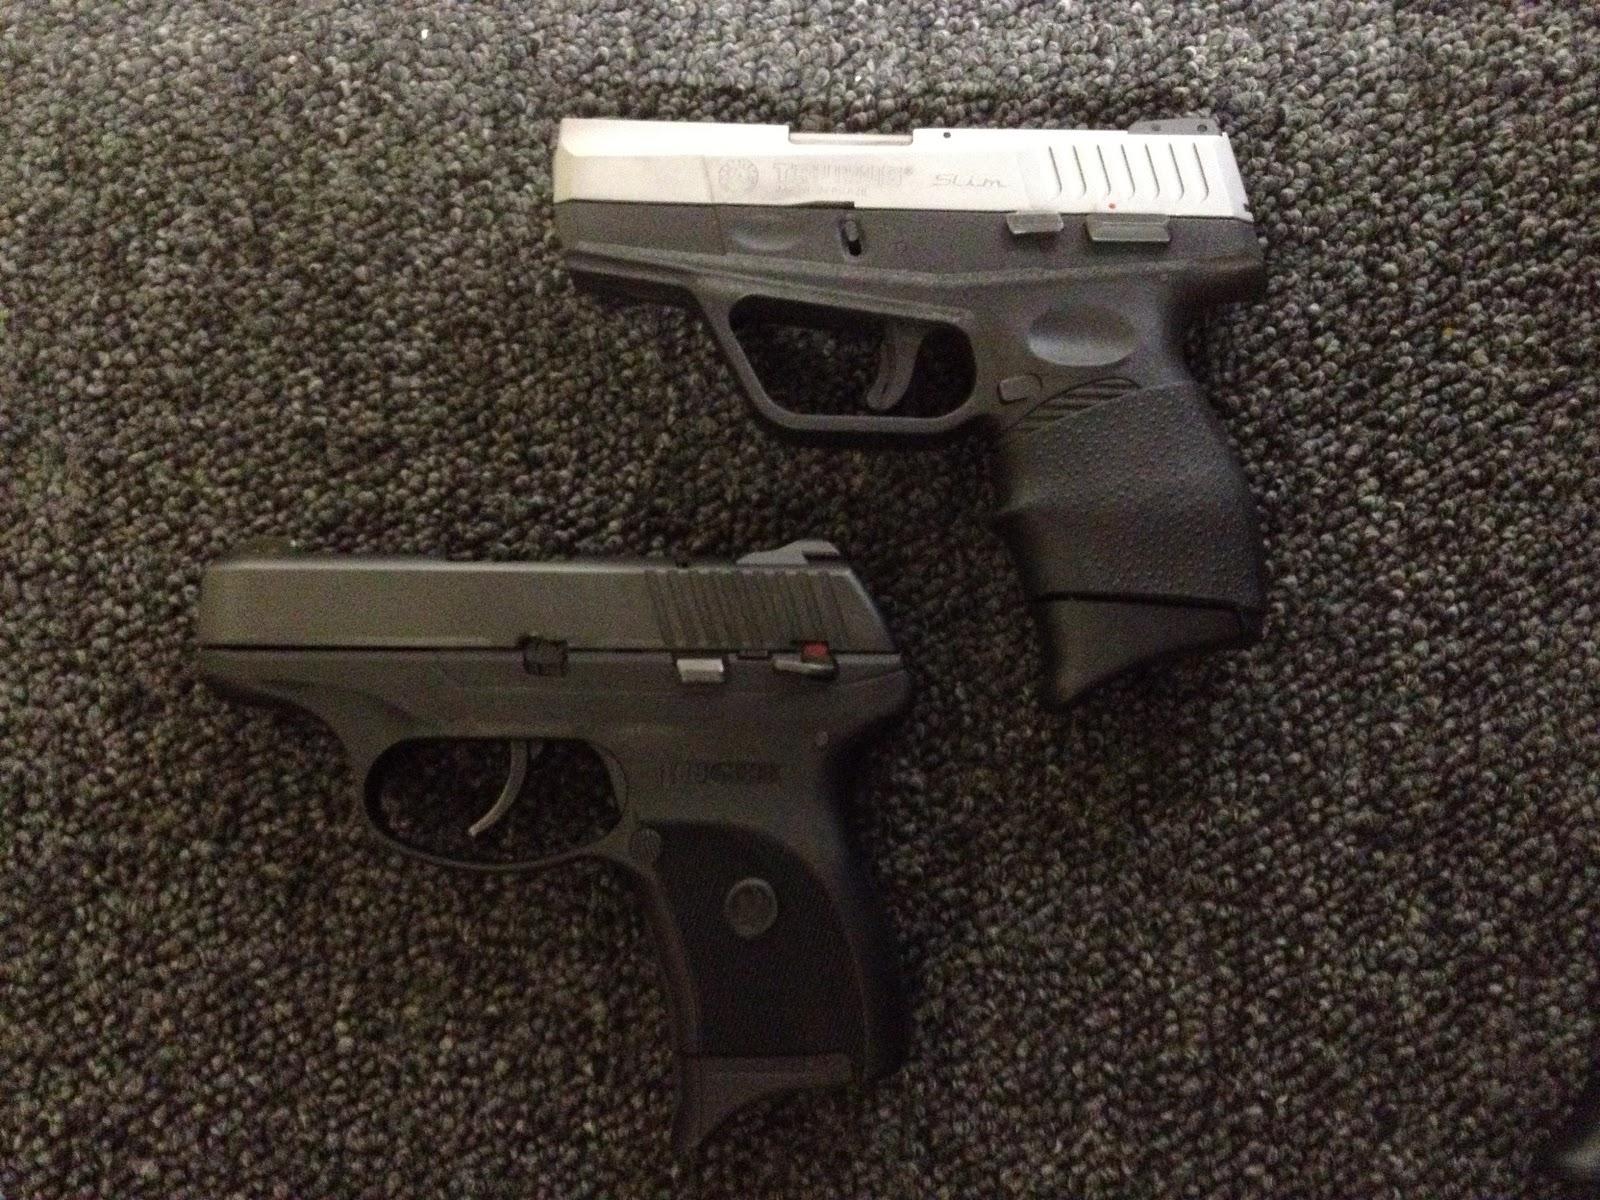 709 slim 9mm pistol - 709 Slim 9mm Pistol 17